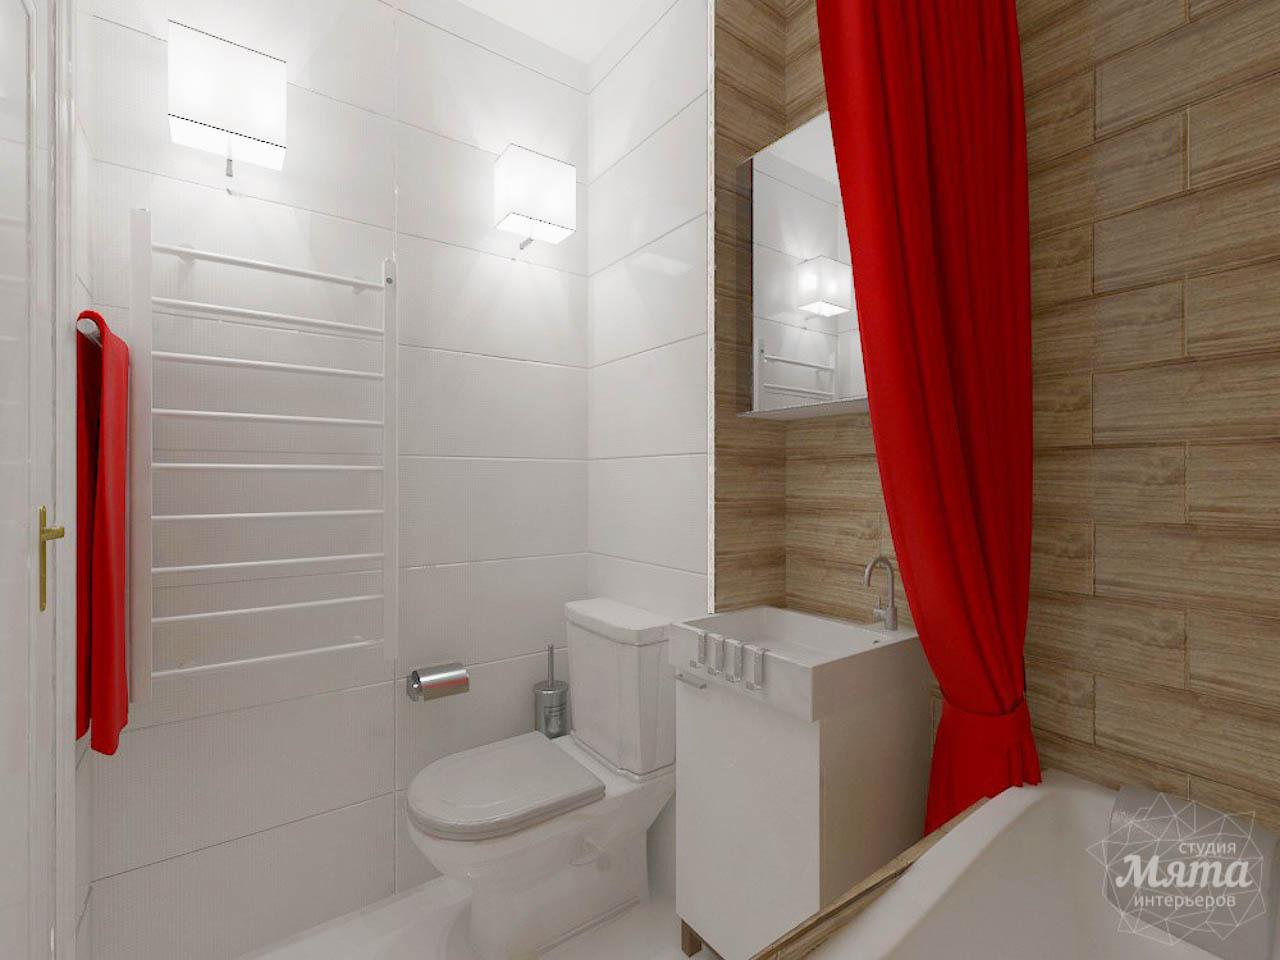 Дизайн интерьера однокомнатной квартиры в стиле минимализм по ул. Чапаева 30 img297263882